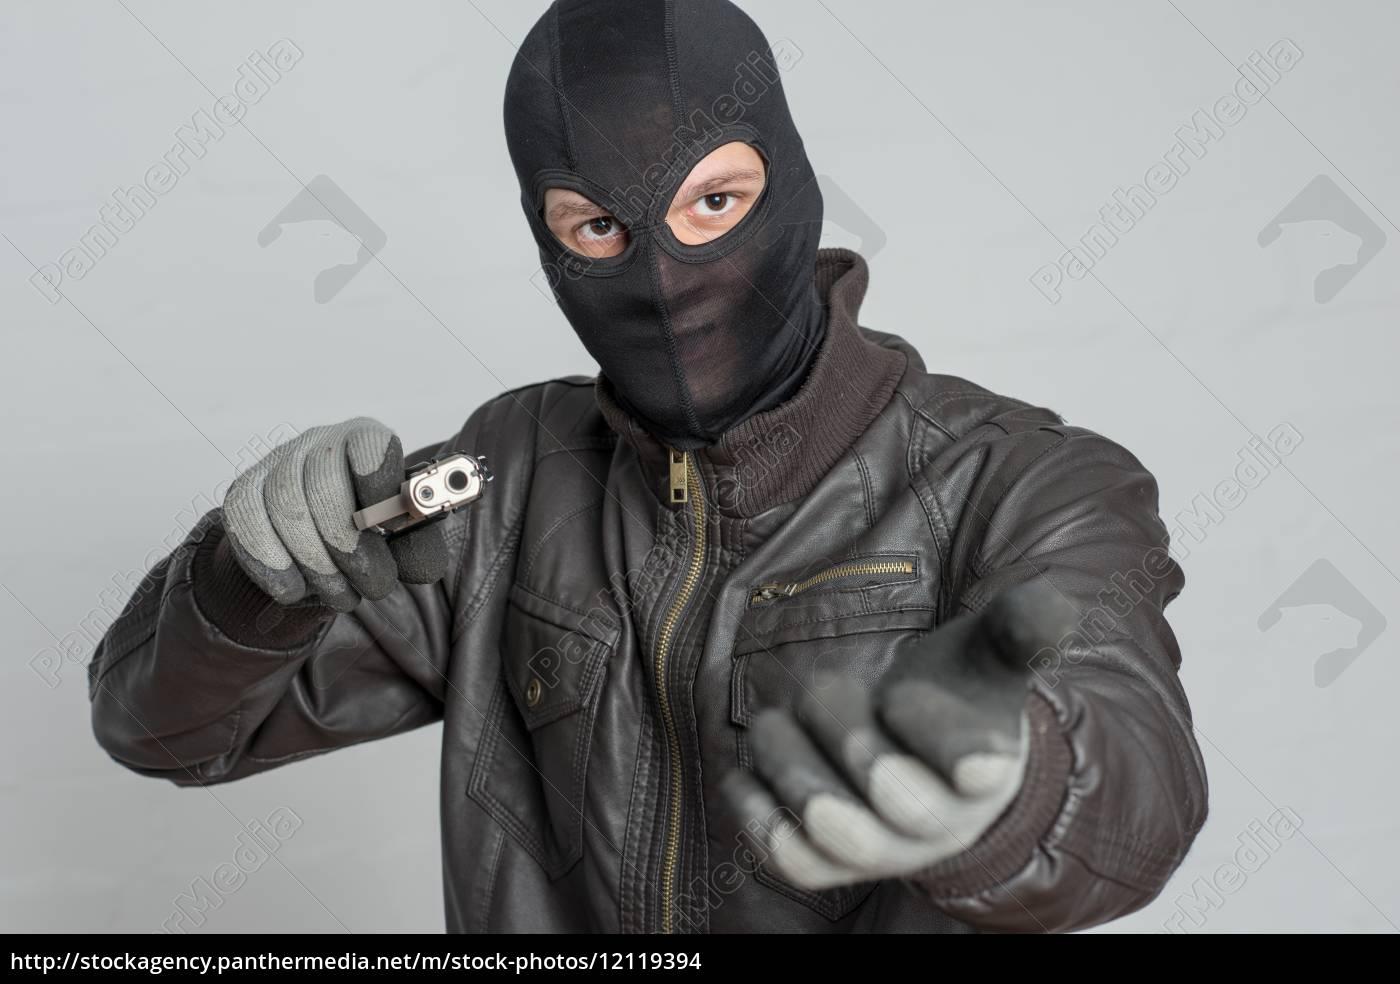 o, assaltante, ameaça, com, arma - 12119394